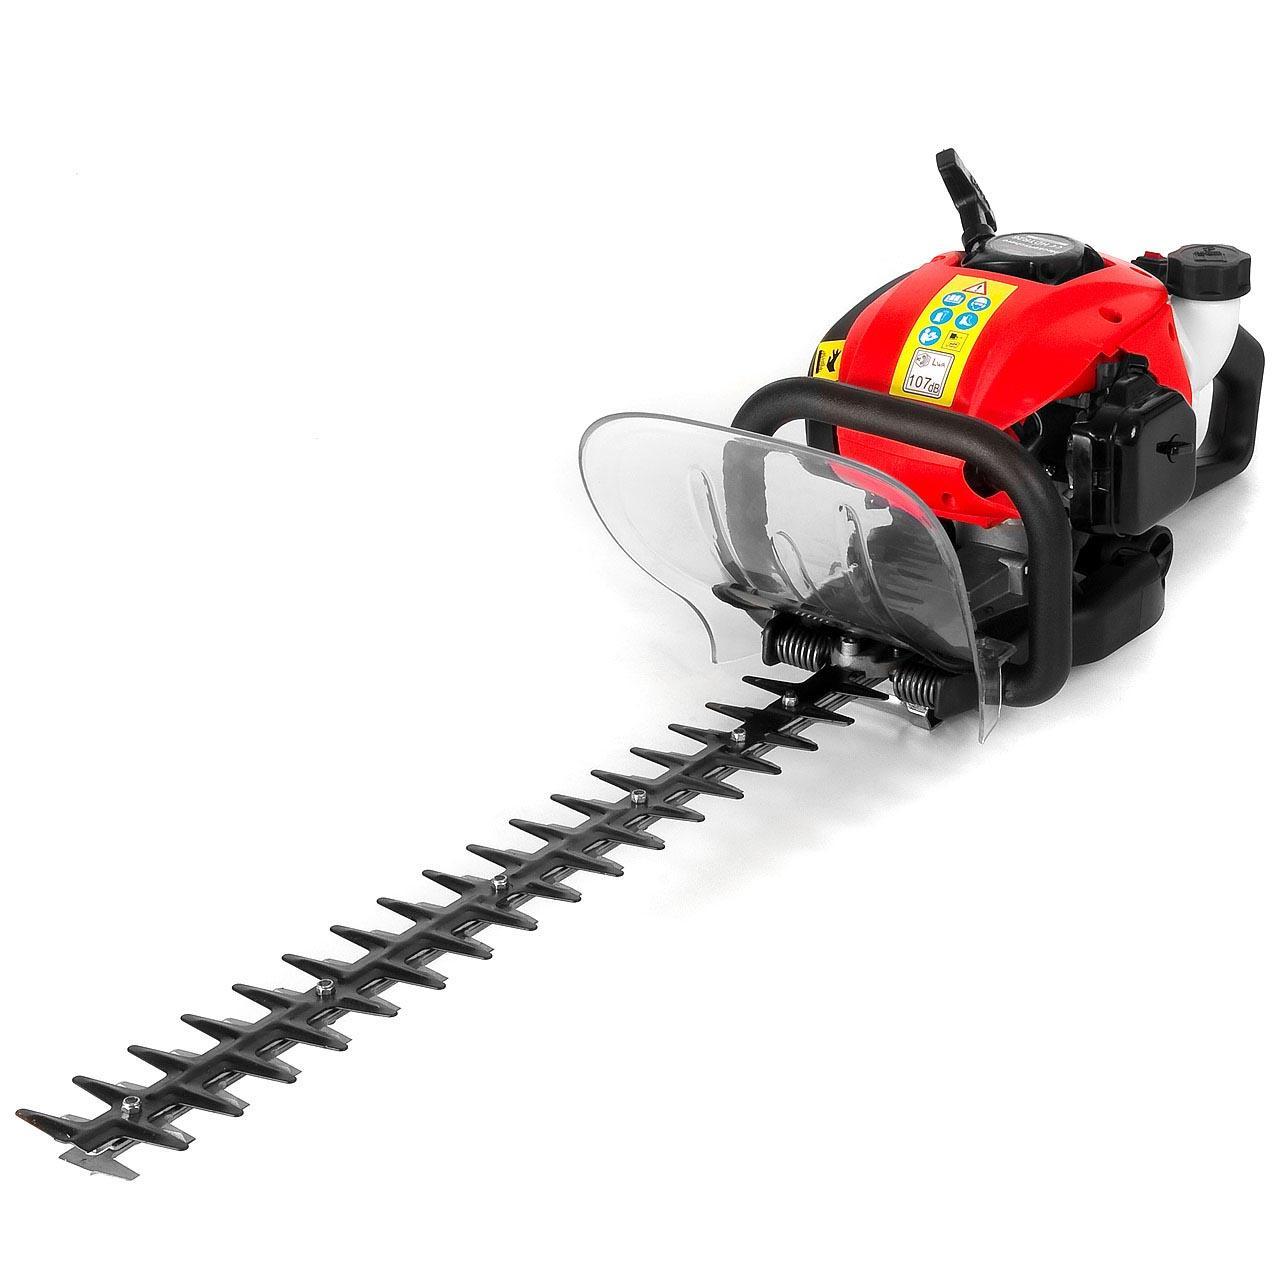 Heckenschere-Rotfuchs-Motorheckenschere-Hecken-Trimmer-23ccm-1-2PS-Benzin-Motor